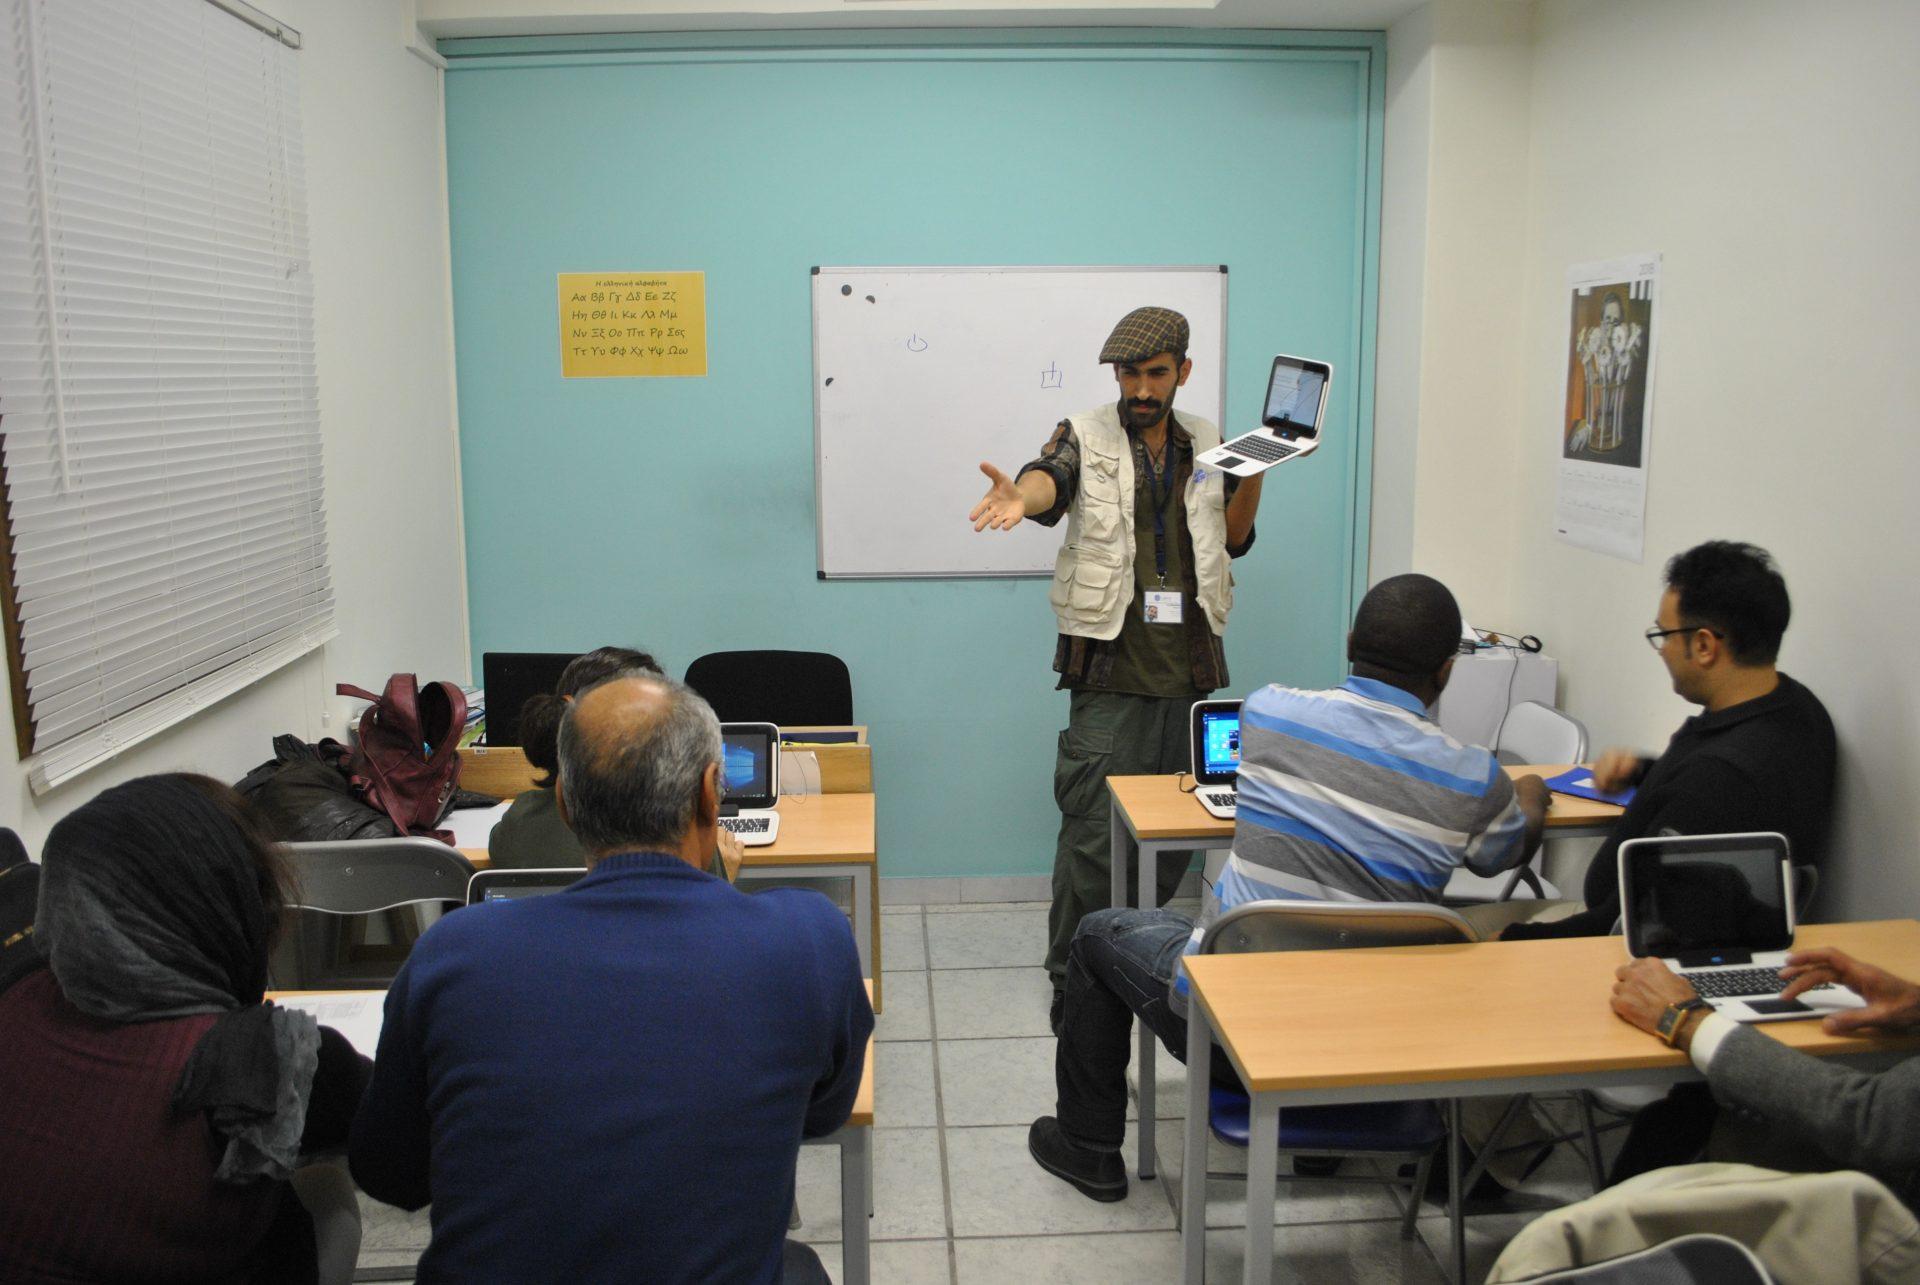 Μαθήματα Πληροφορικής στη Θεσσαλονίκη